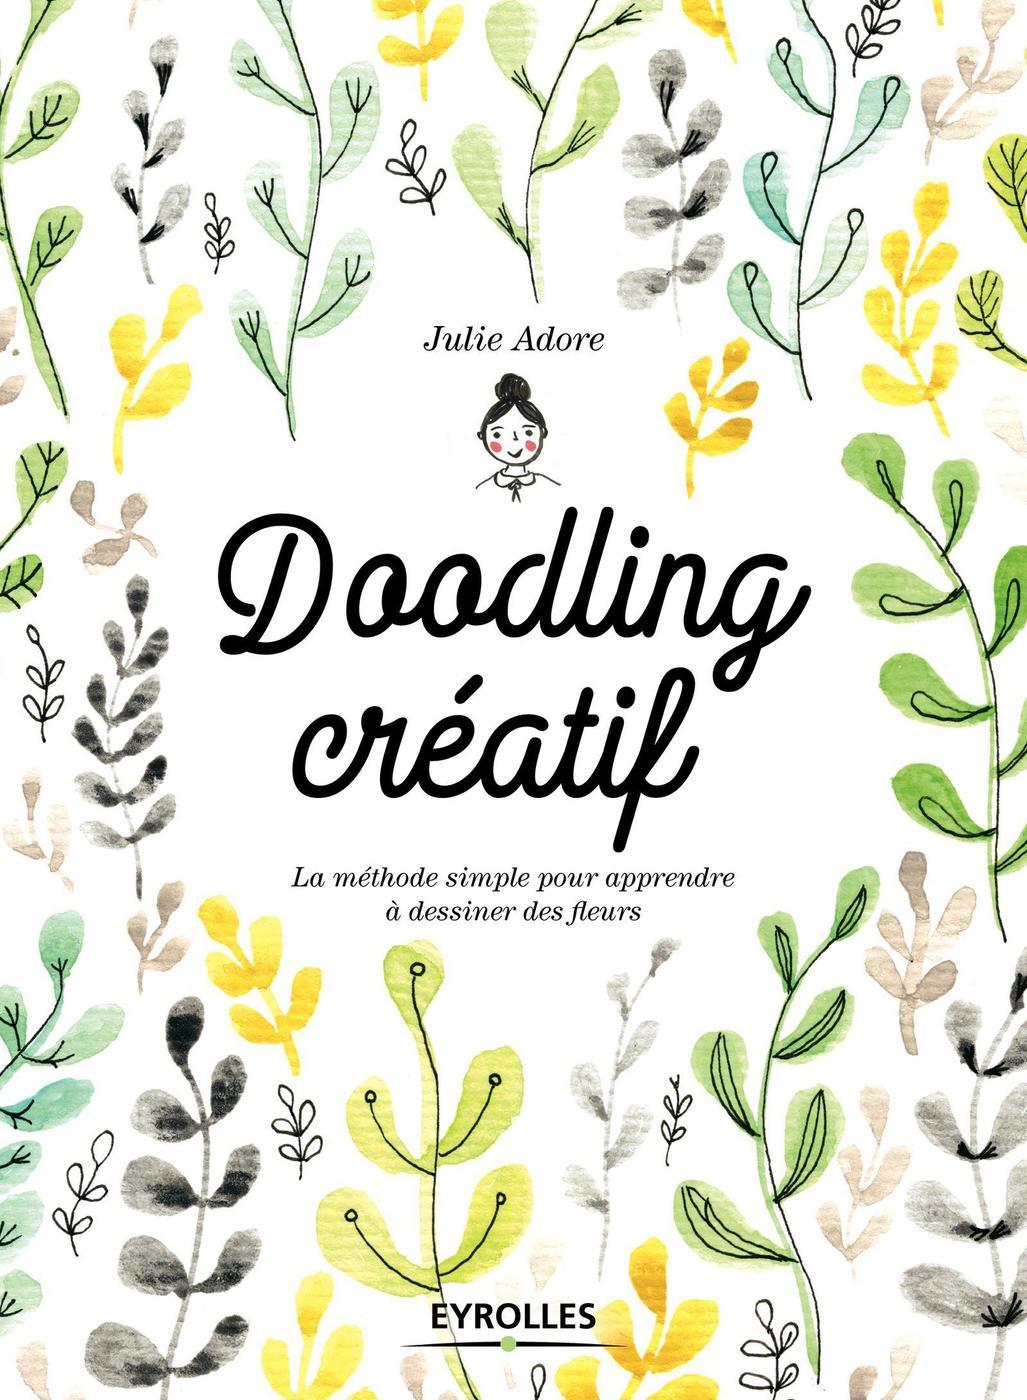 Doodling Créatif La Méthode Simple Pour Apprendre à Dessiner Des Librairie Eyrolles